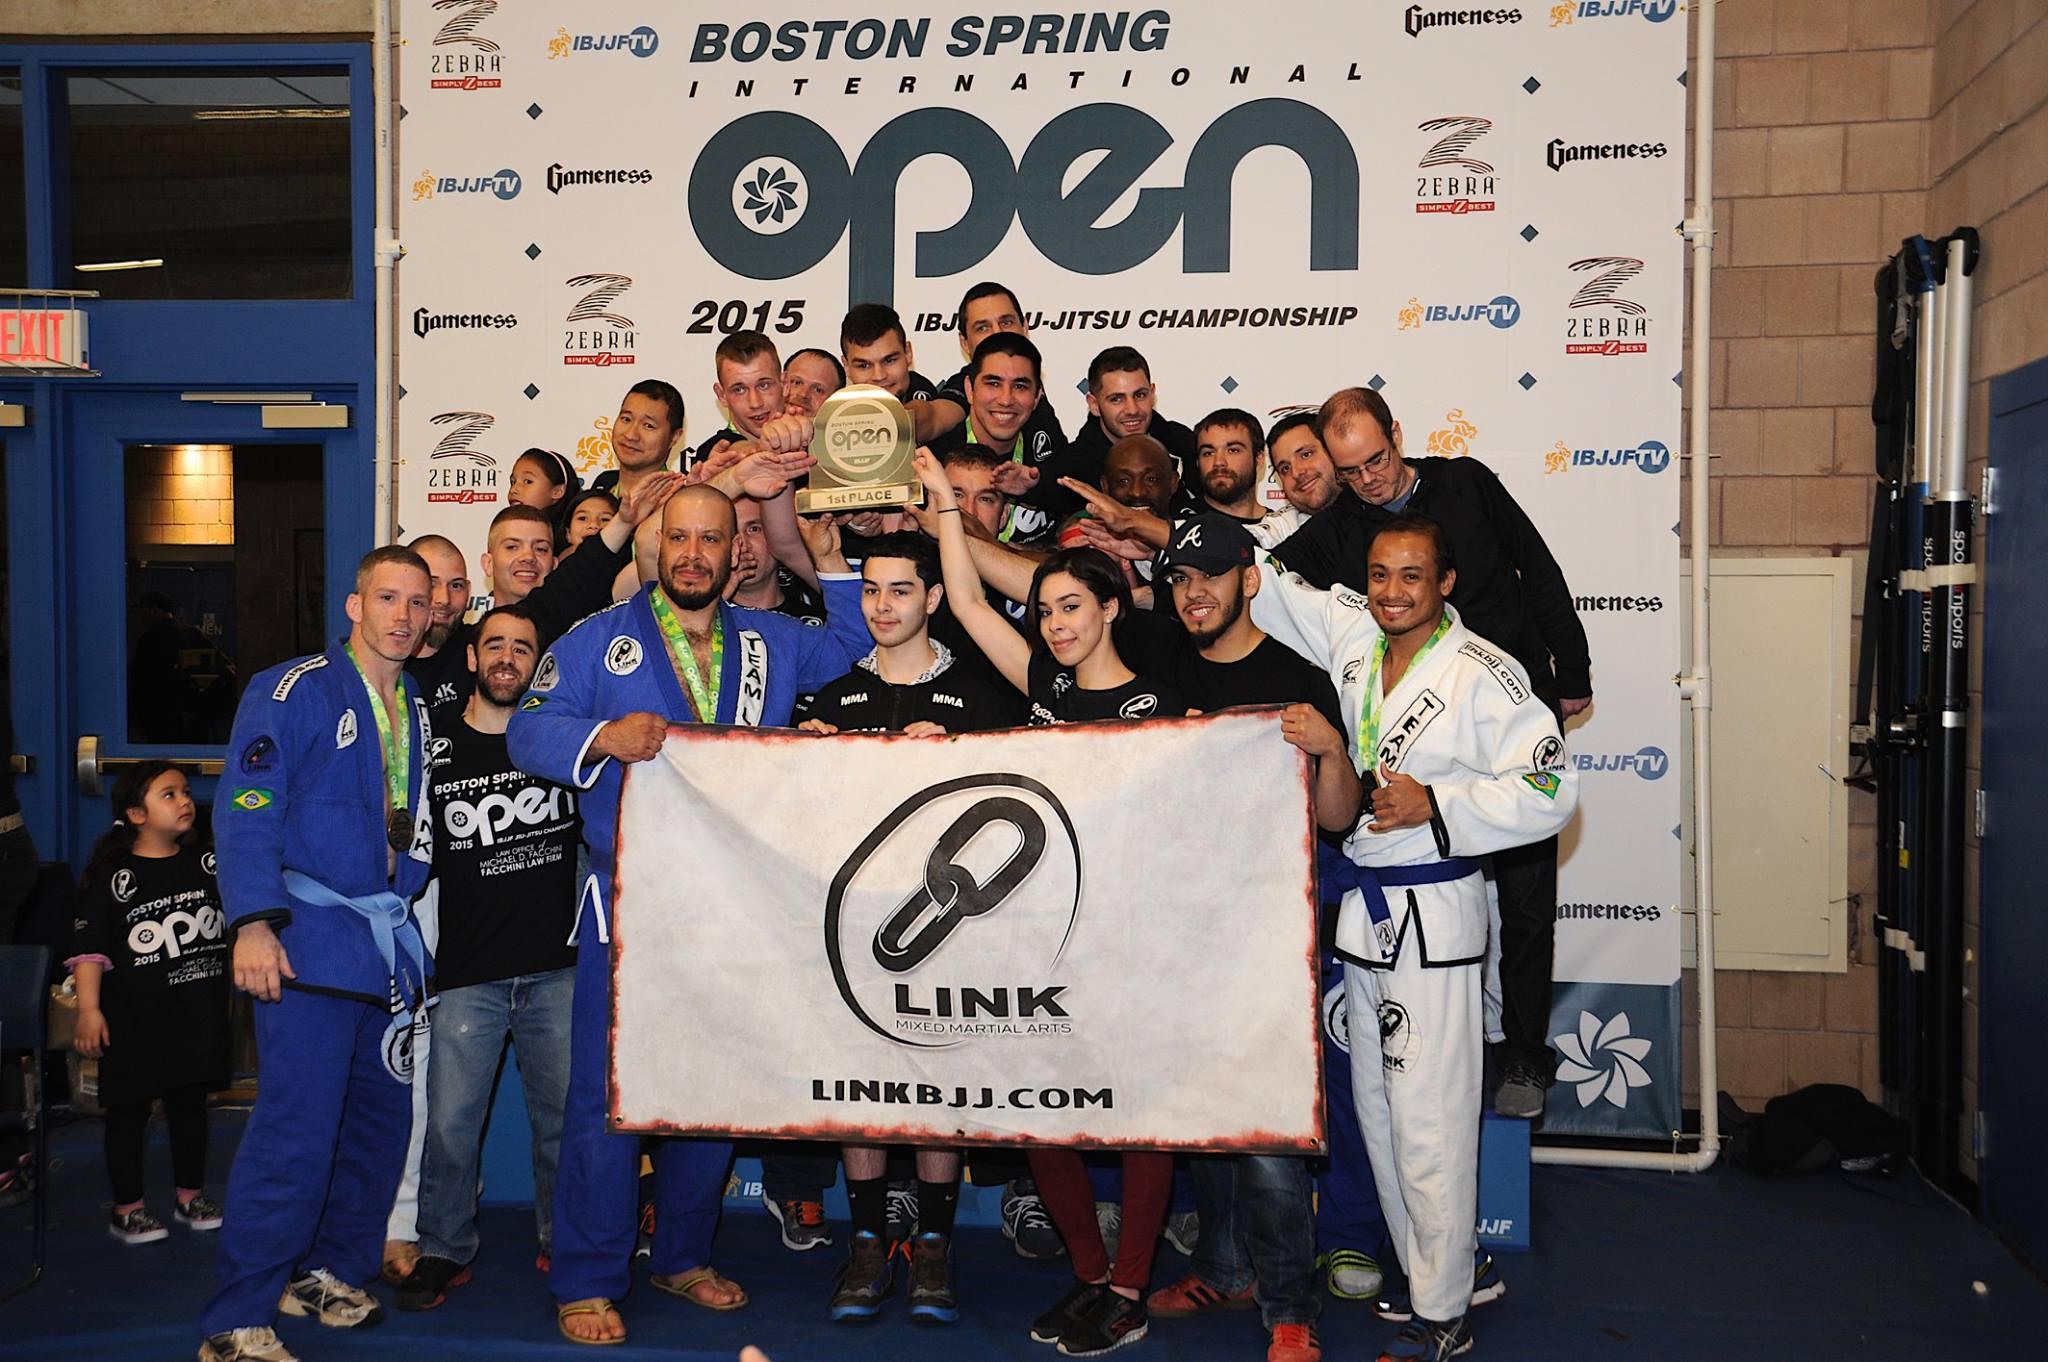 BJJ Champions in Massachussetts